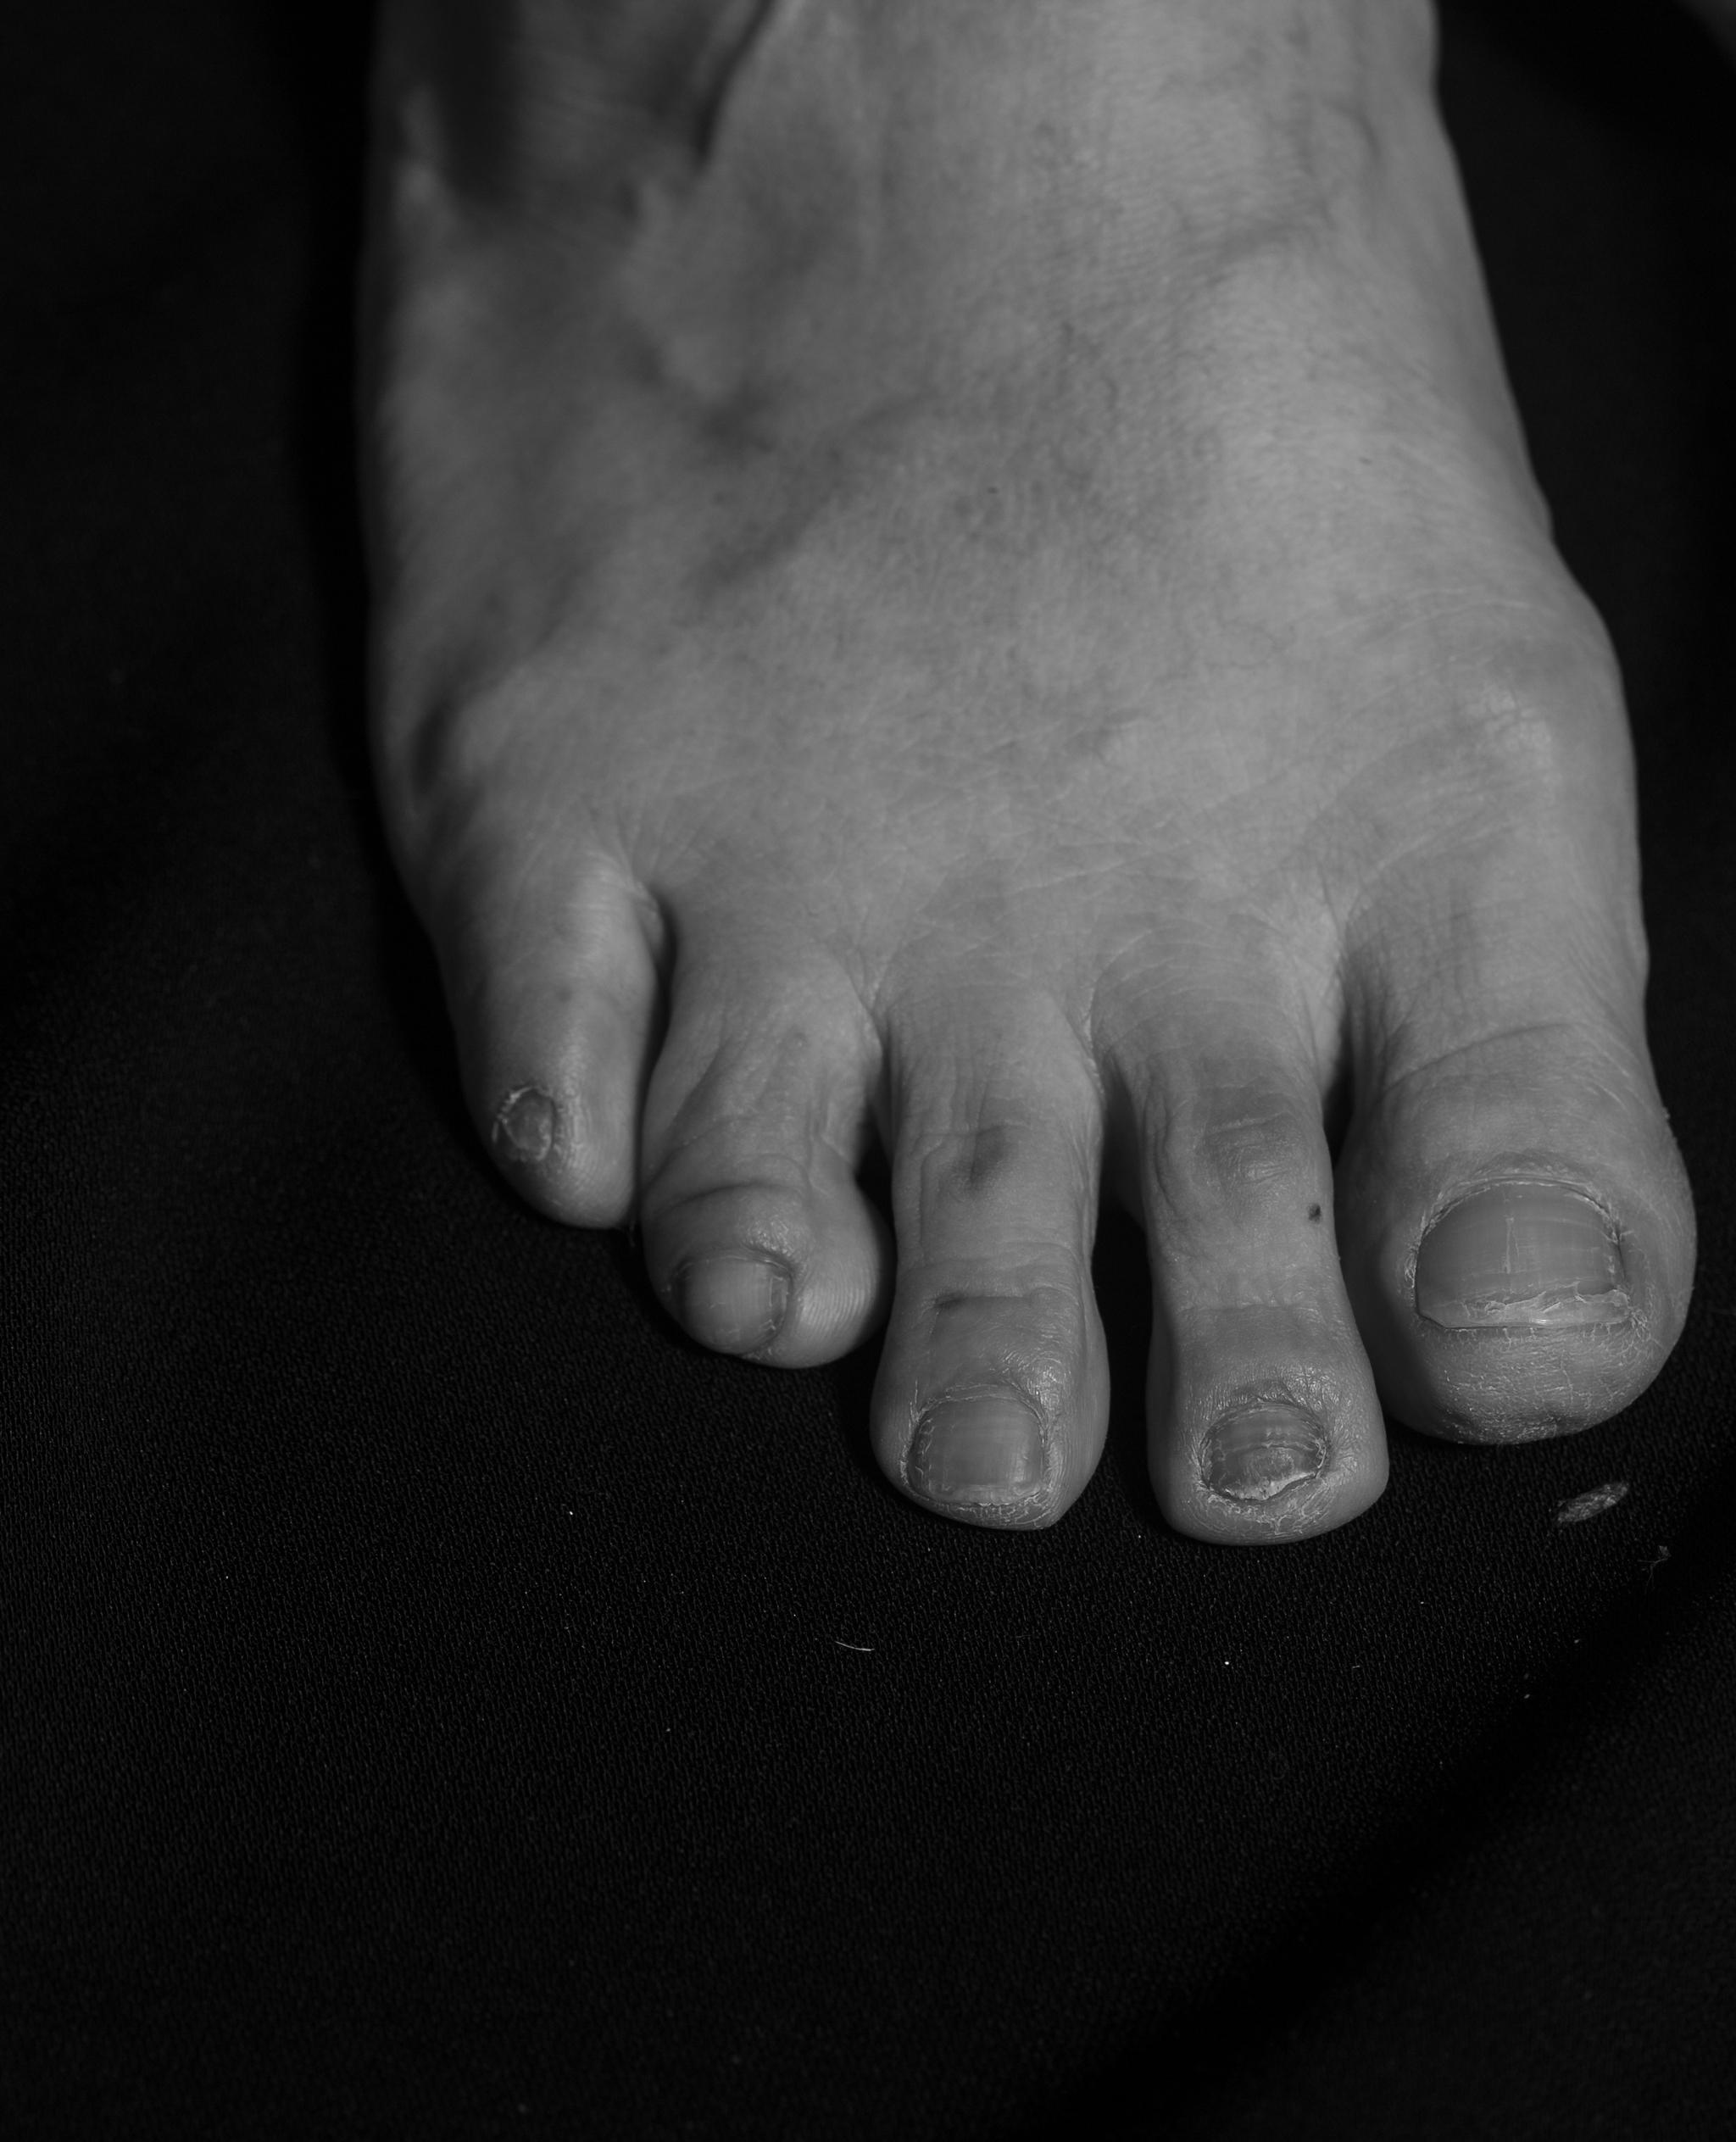 상대적으로 긴 두 번째 발가락 발톱이 빠지고 나고 쪼개지고 갈라지기도 했다. 충격 때문에 뿌리가 상해서 생긴 증상이다. 의사가 영양제를 바르라고 권유했지만, 페디큐어를 할 필요도 없으니 그냥 둔다고 했다.